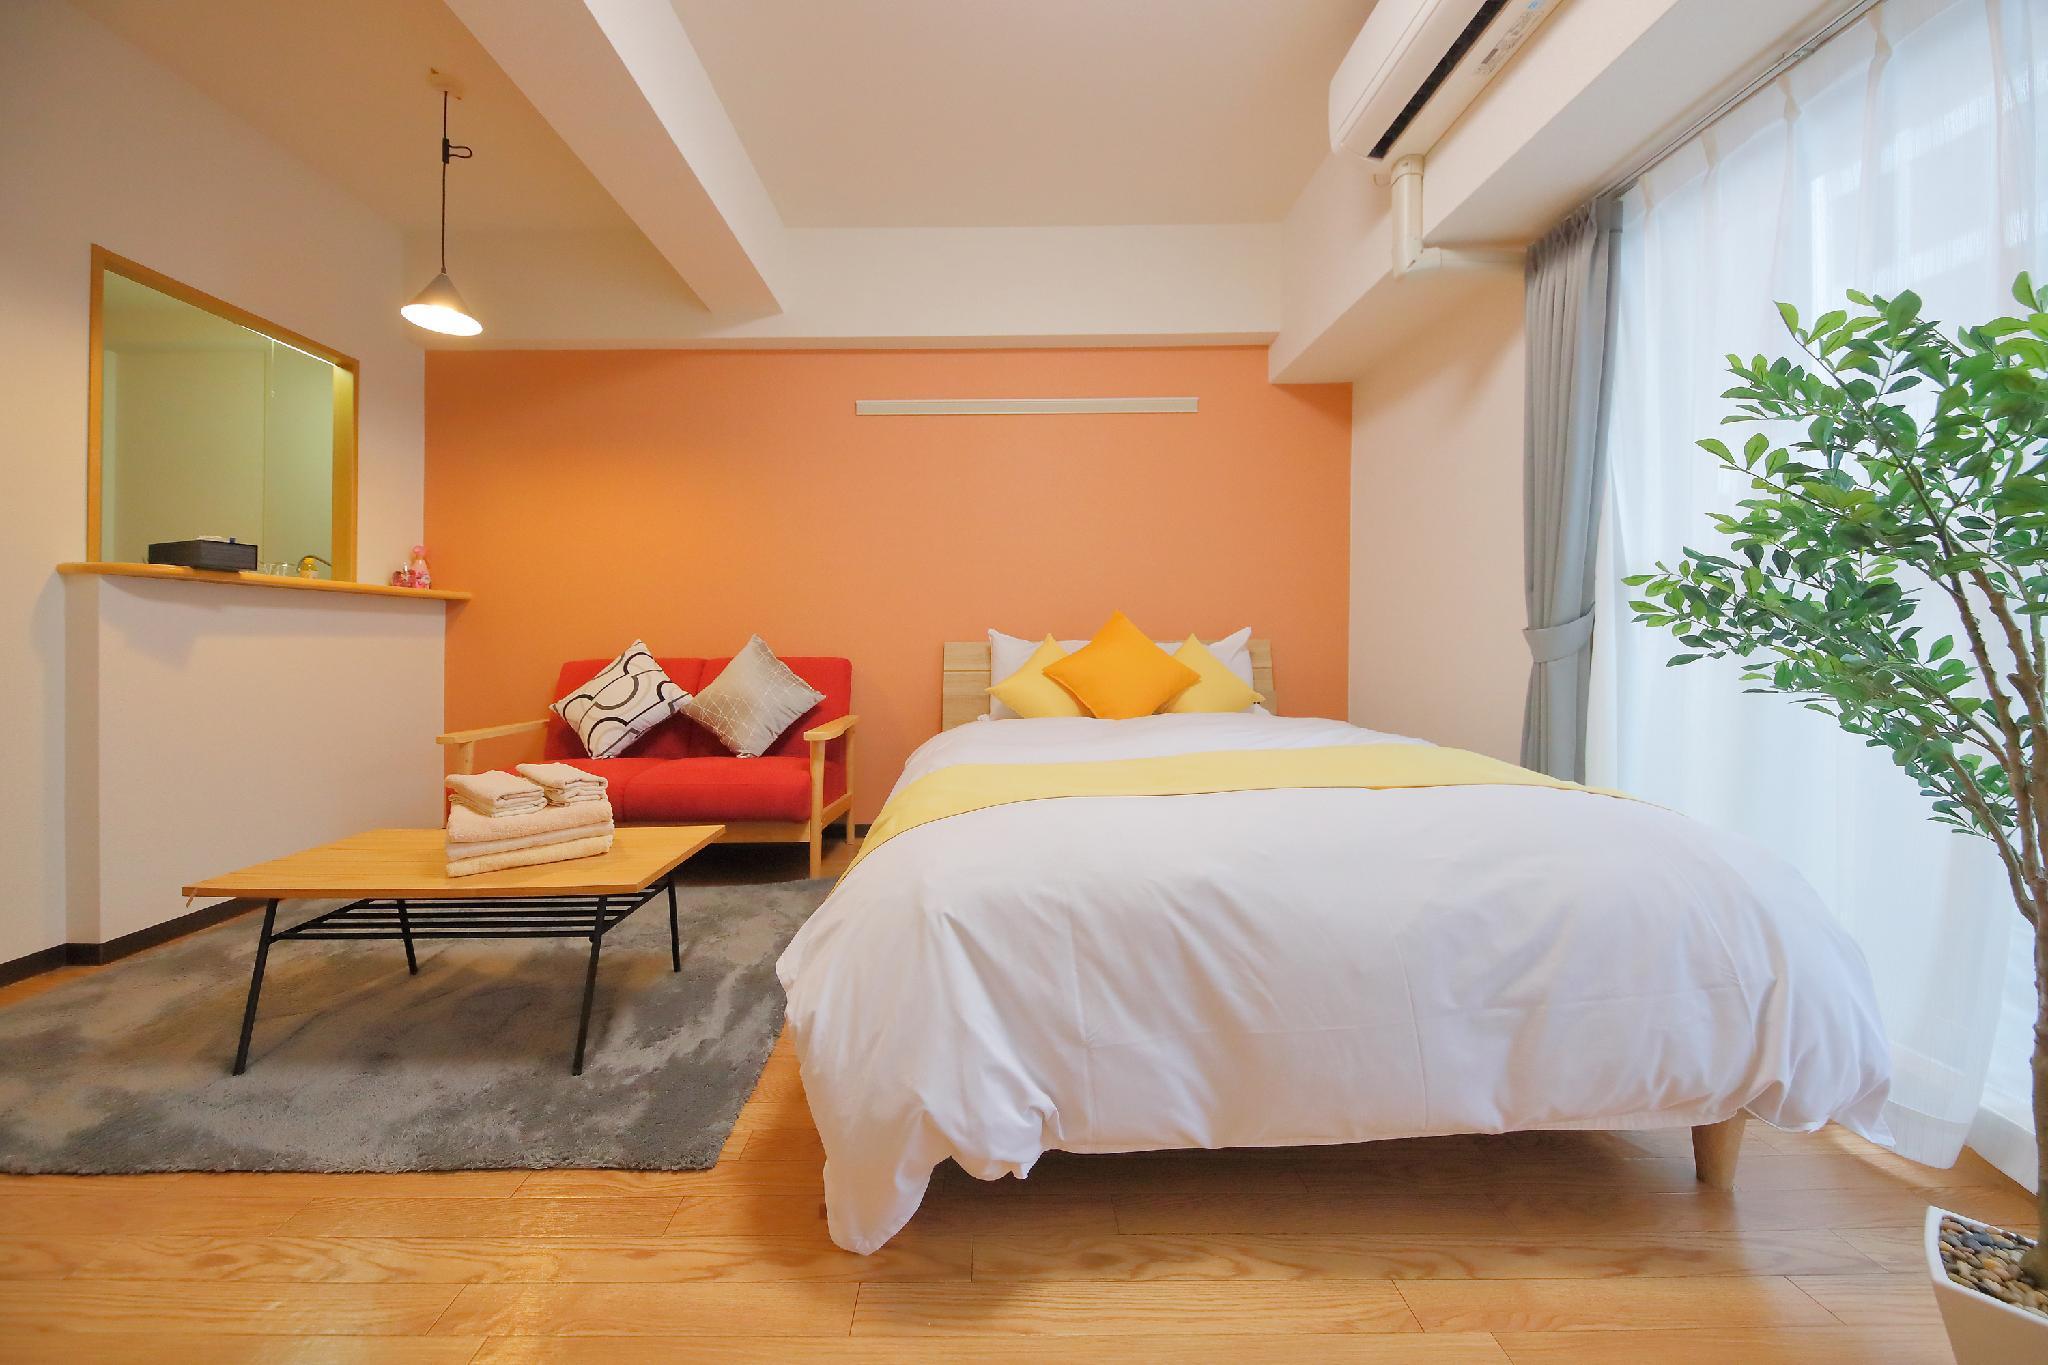 Comfort Self Hotel Kitahama  Licensed